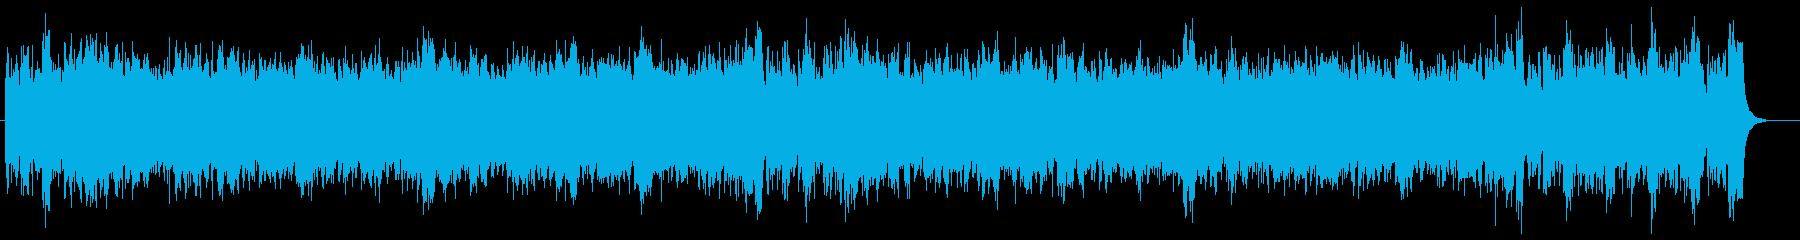 大砲入りクラシック(1812年序曲風)の再生済みの波形